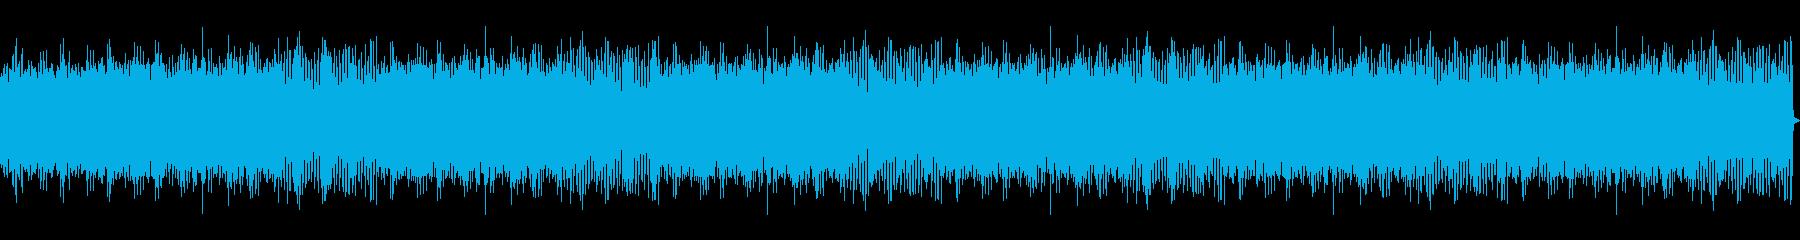 朝ヨガ・デトックス・ミニマルなピアノソロの再生済みの波形